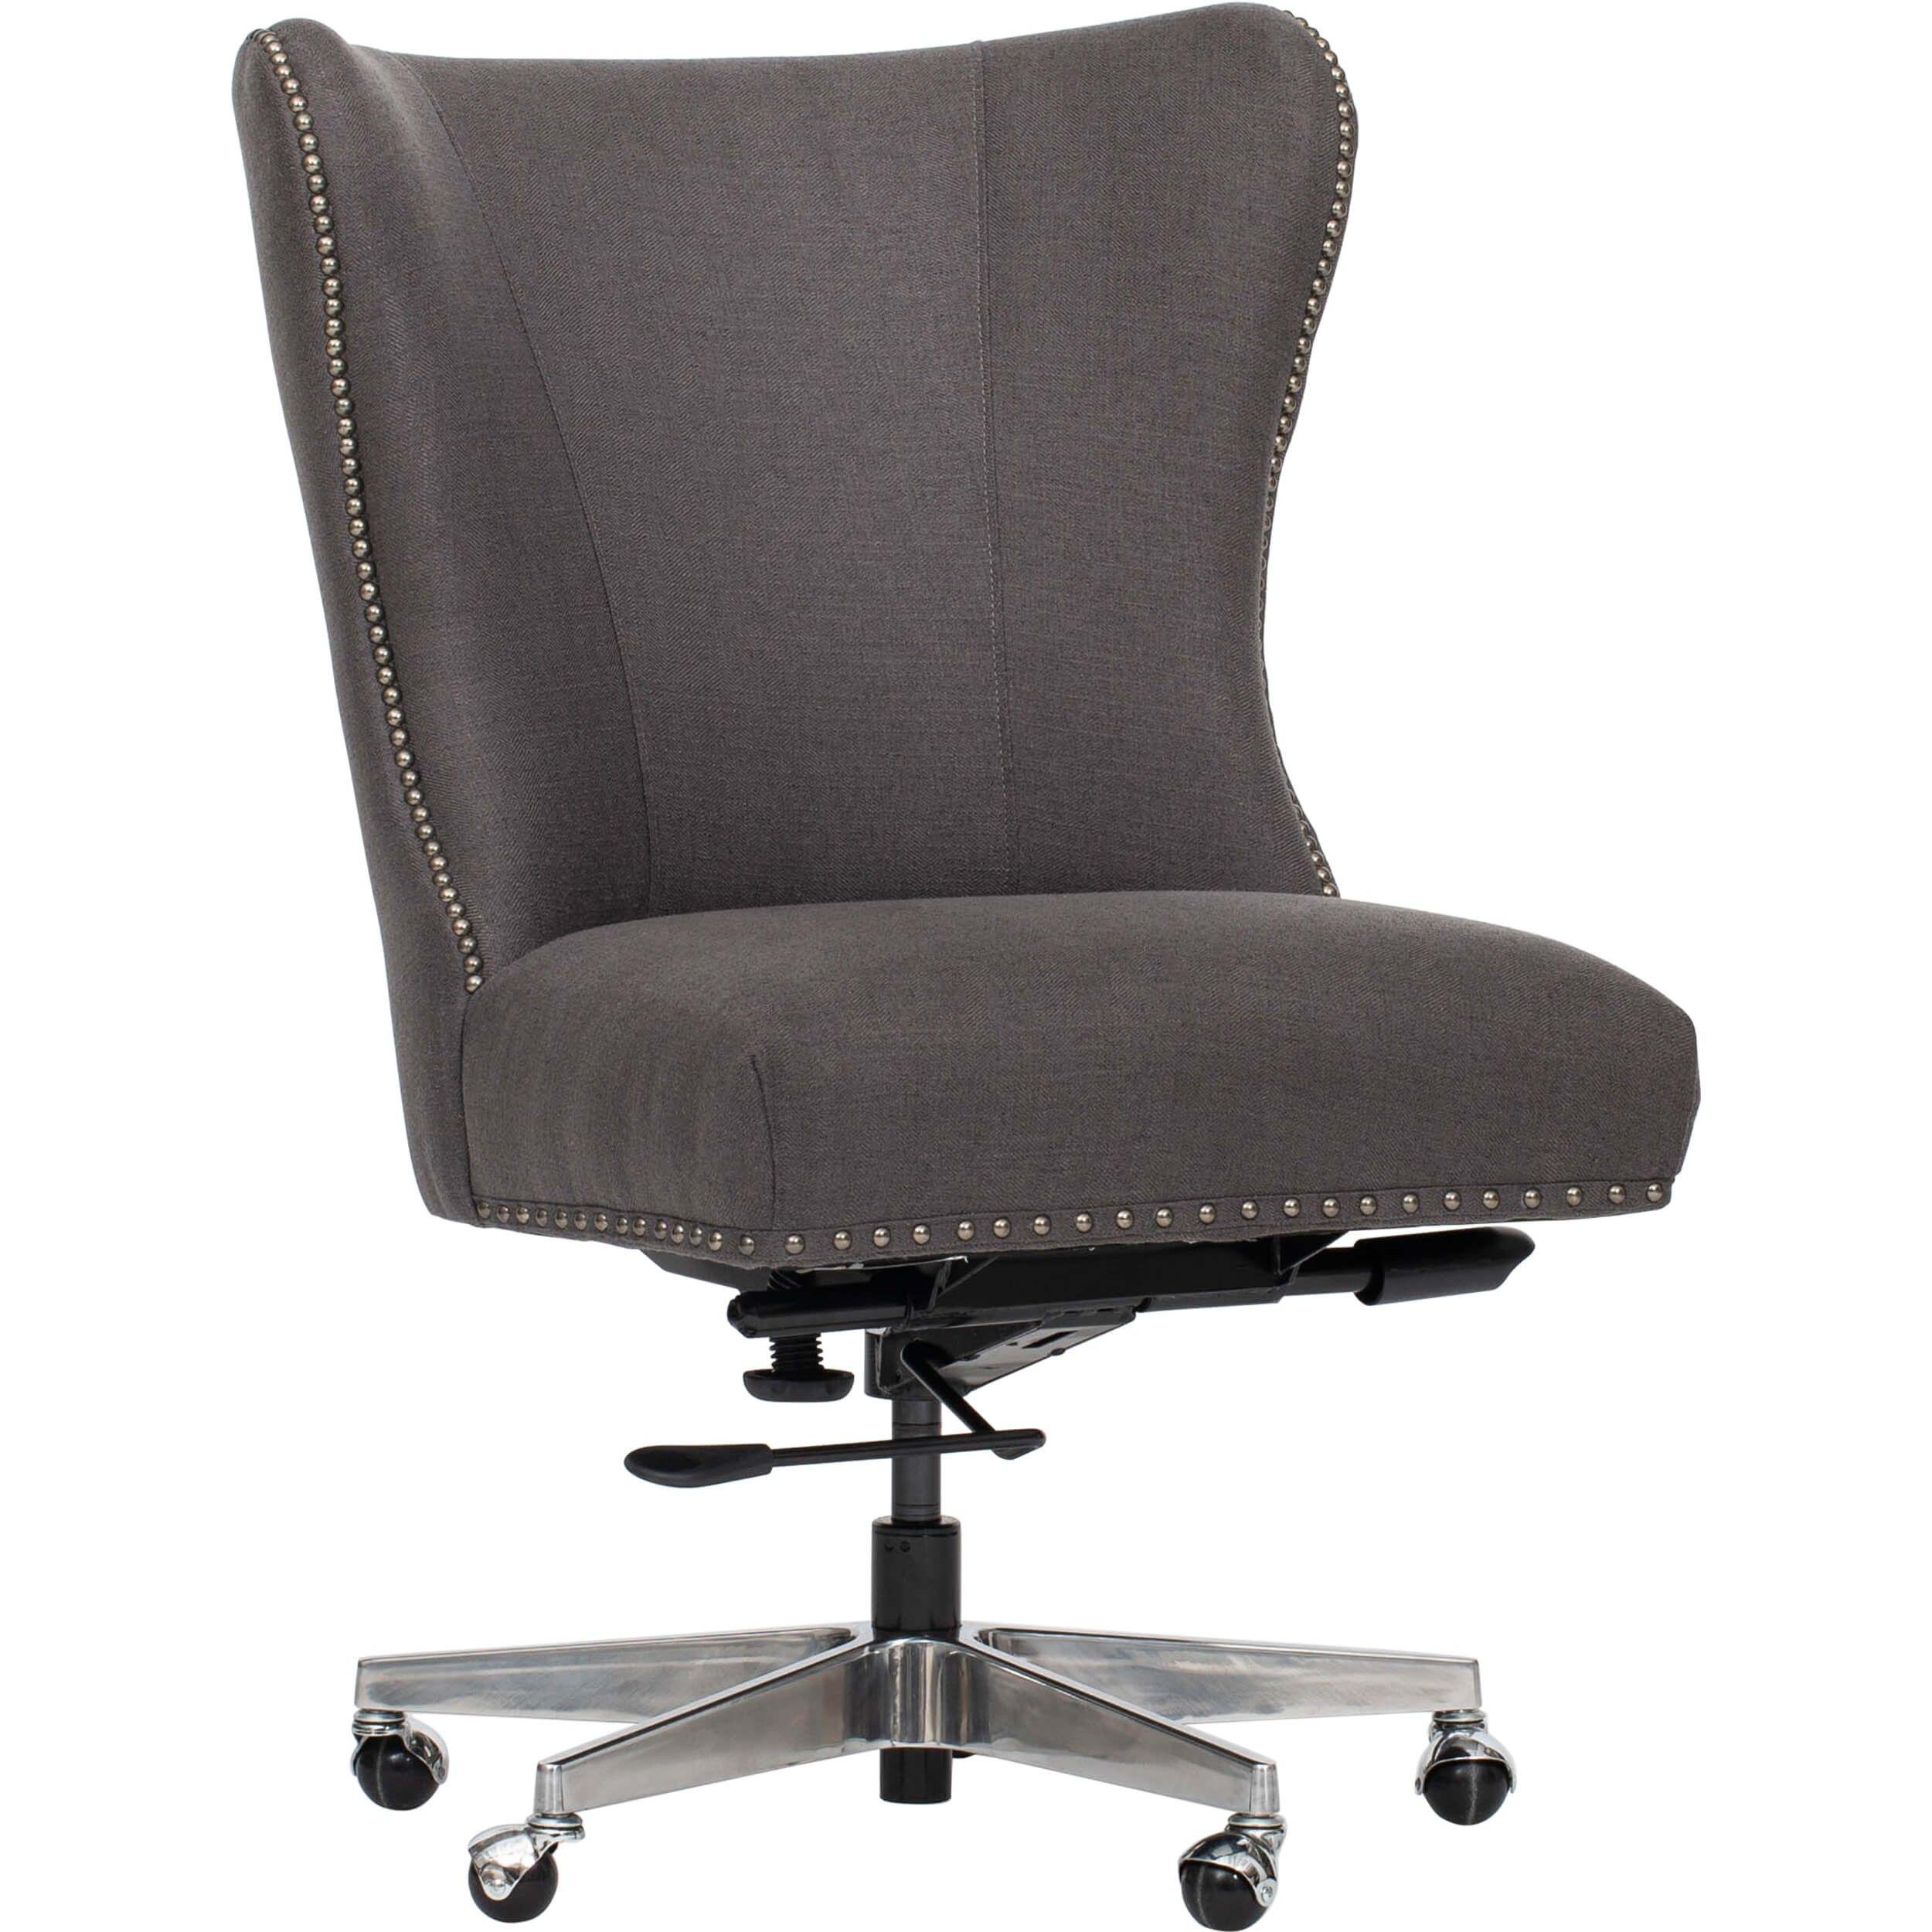 Chair, High Fashion Home, Free